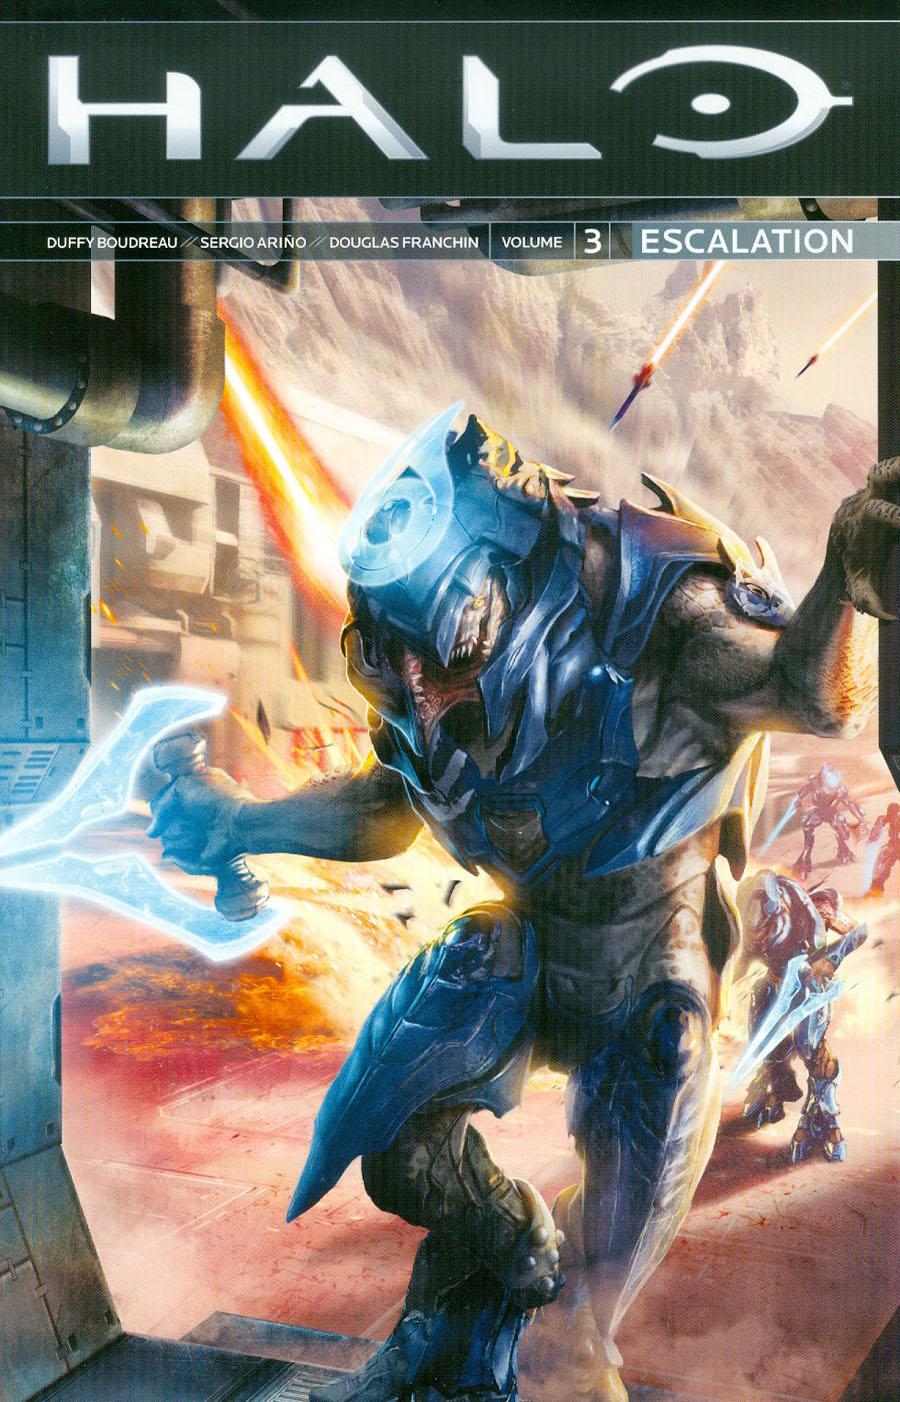 Halo Escalation Vol 3 TP